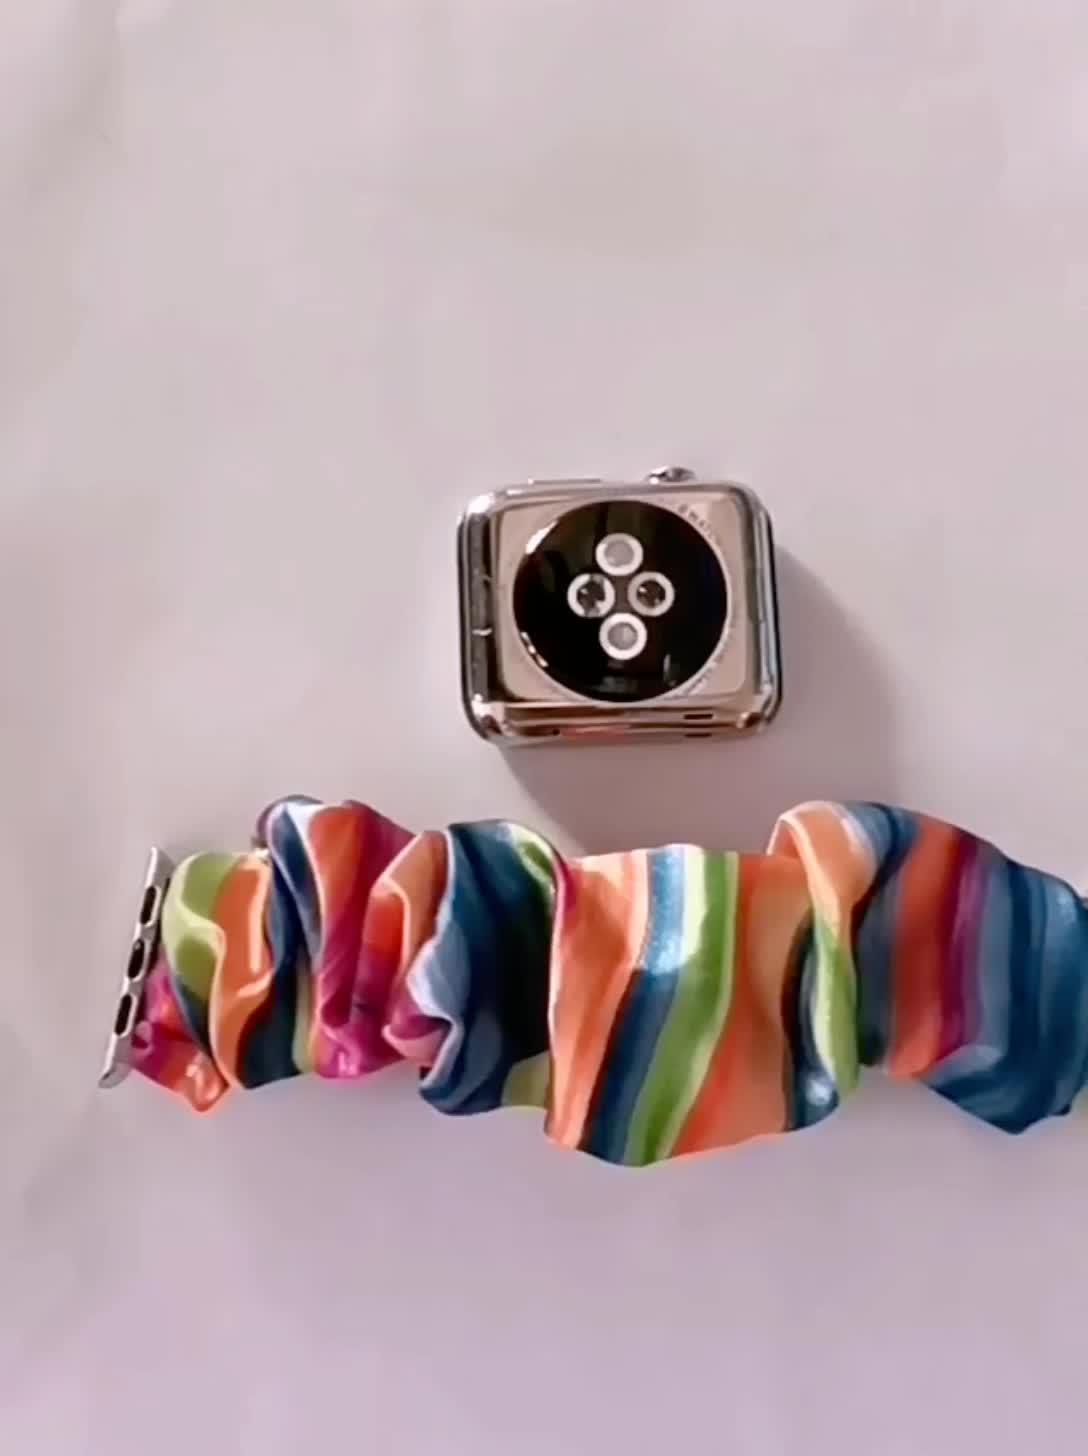 נשים פצפוץ נמתח להקת שעון החלפת צבעוני רך בד פצפוצי שעון רצועת עבור אפל iWatch Wristbands 38/44mm